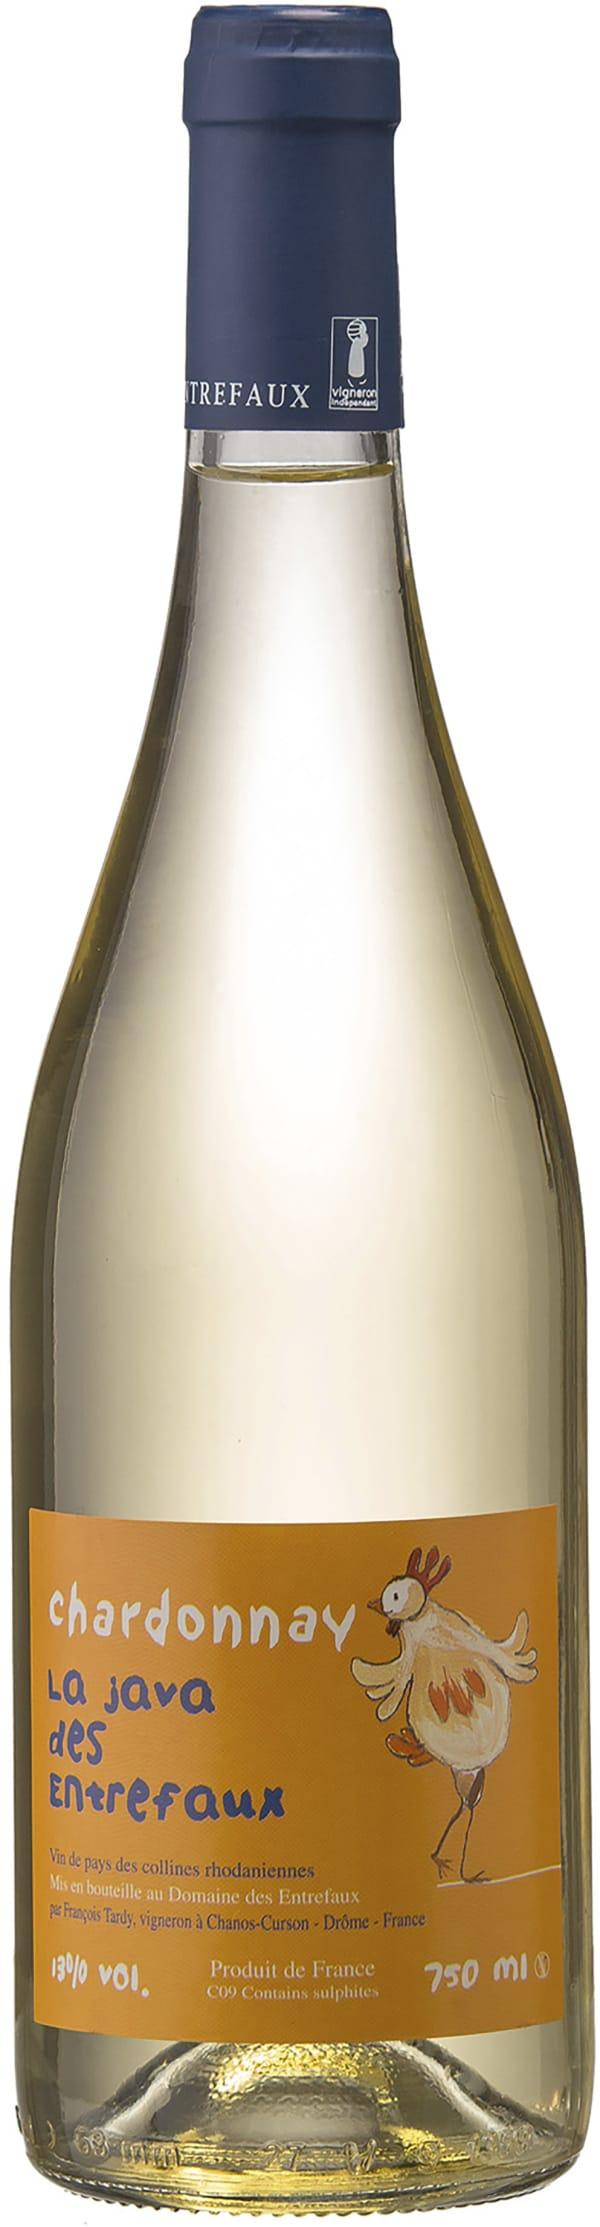 La Java des Entrefaux Chardonnay 2018